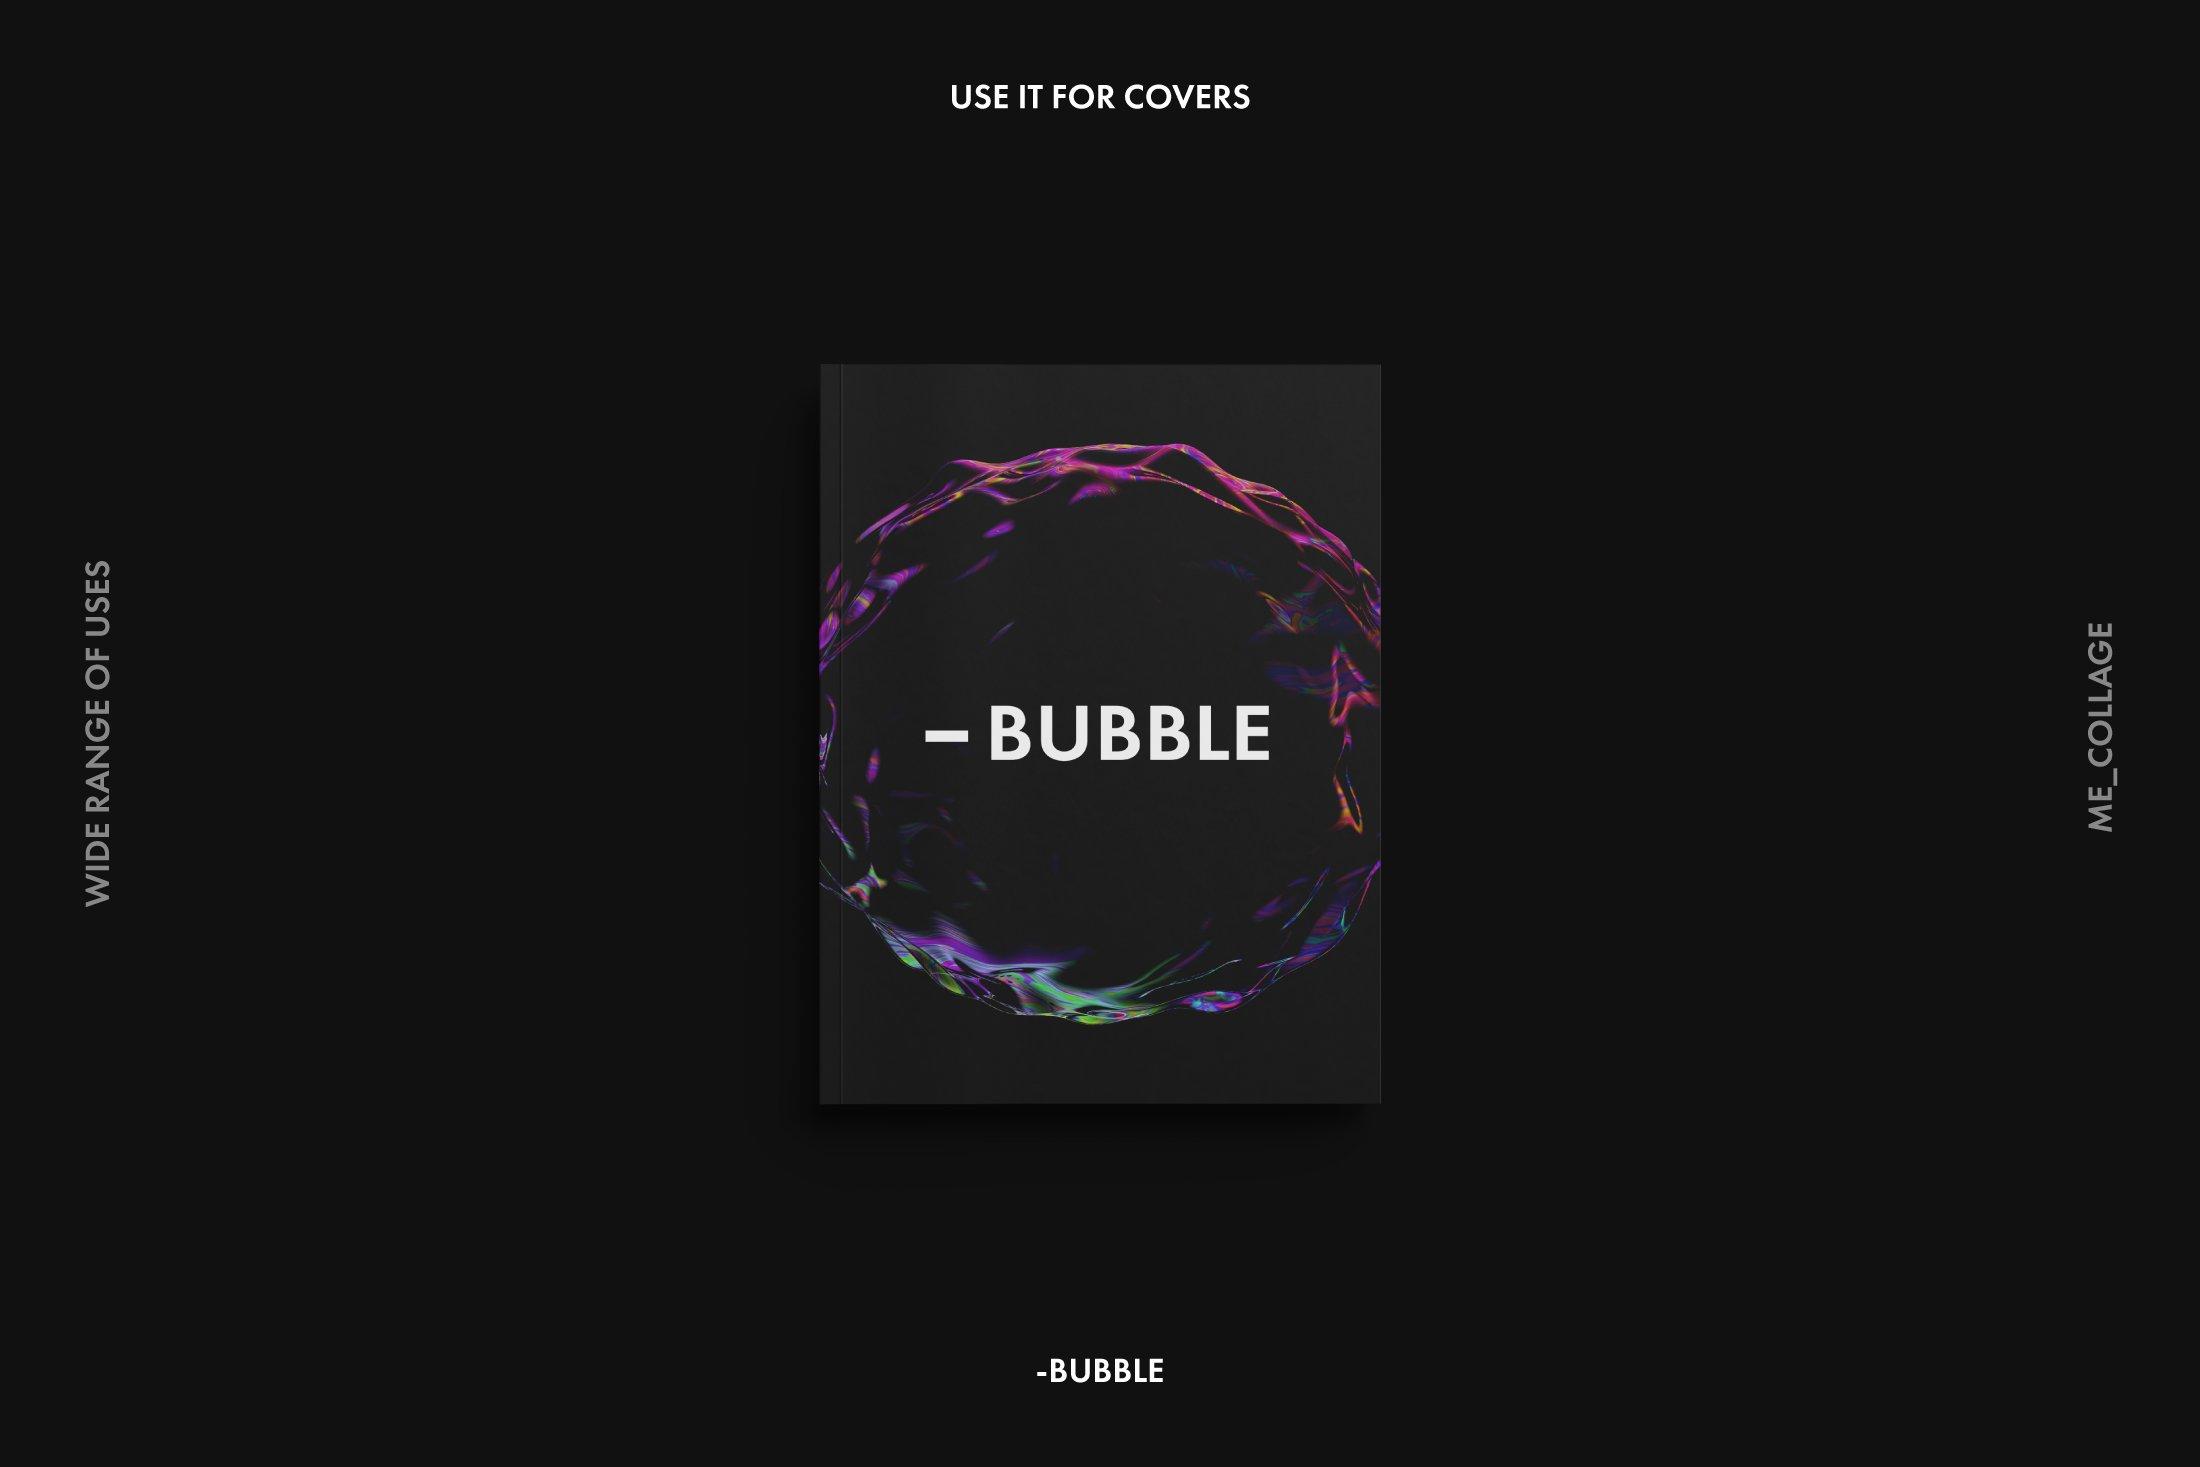 [淘宝购买] 高清炫彩抽象透明肥皂气泡海报背景底纹素材 BUBBLE – 15 Soap Bubbles插图(7)